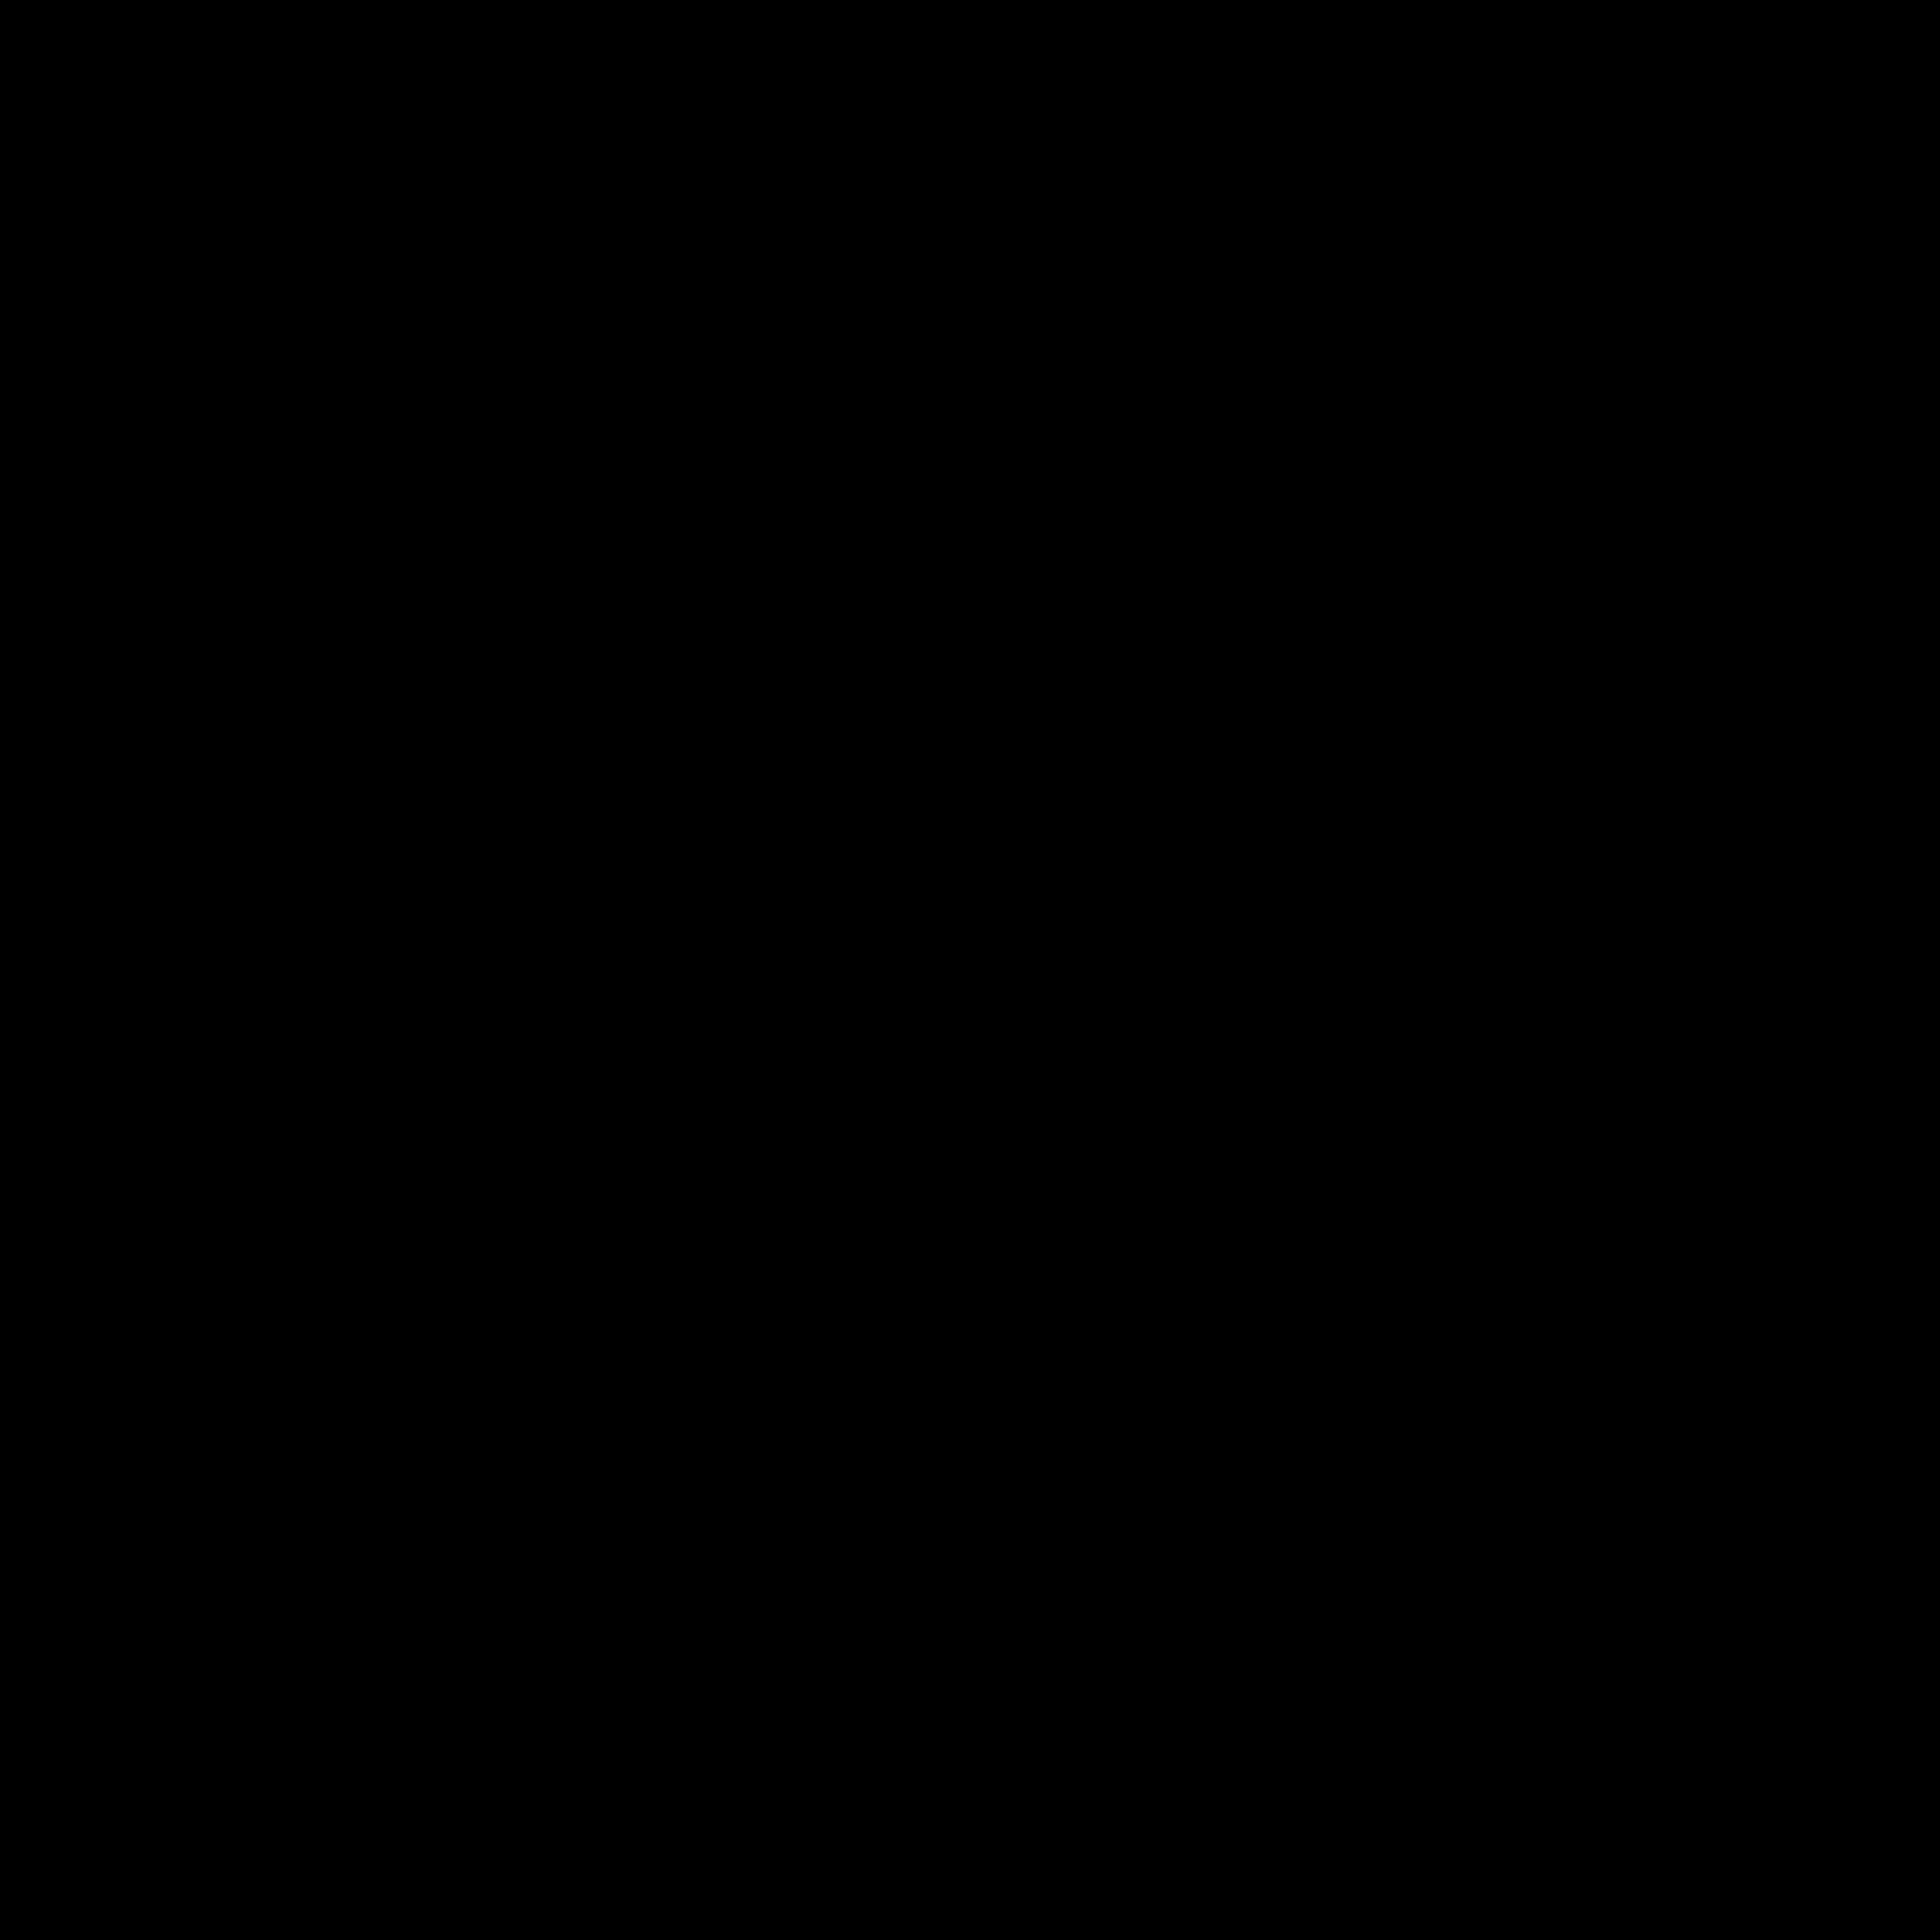 crysalis-plants-11.png